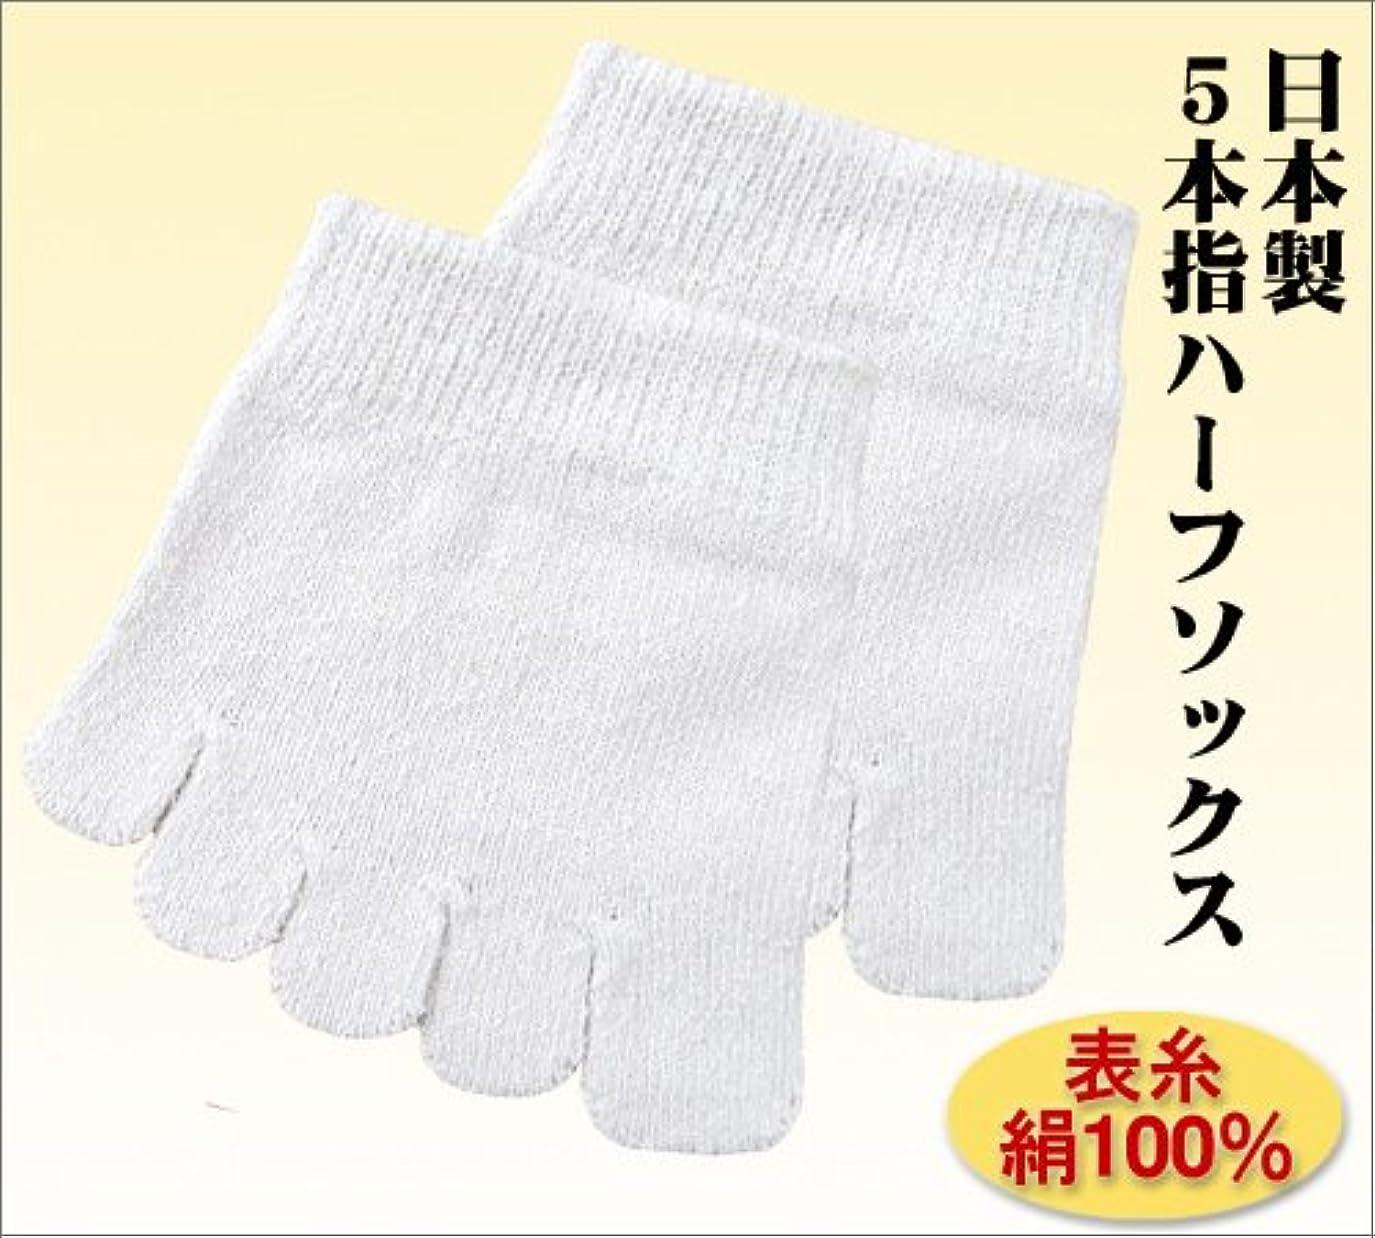 いちゃつく言うヘクタール日本製 天然シルク5本指ハーフソックス 表糸絹100% 快適な指先ソックス 2足組 (婦人(オフ白2足組))